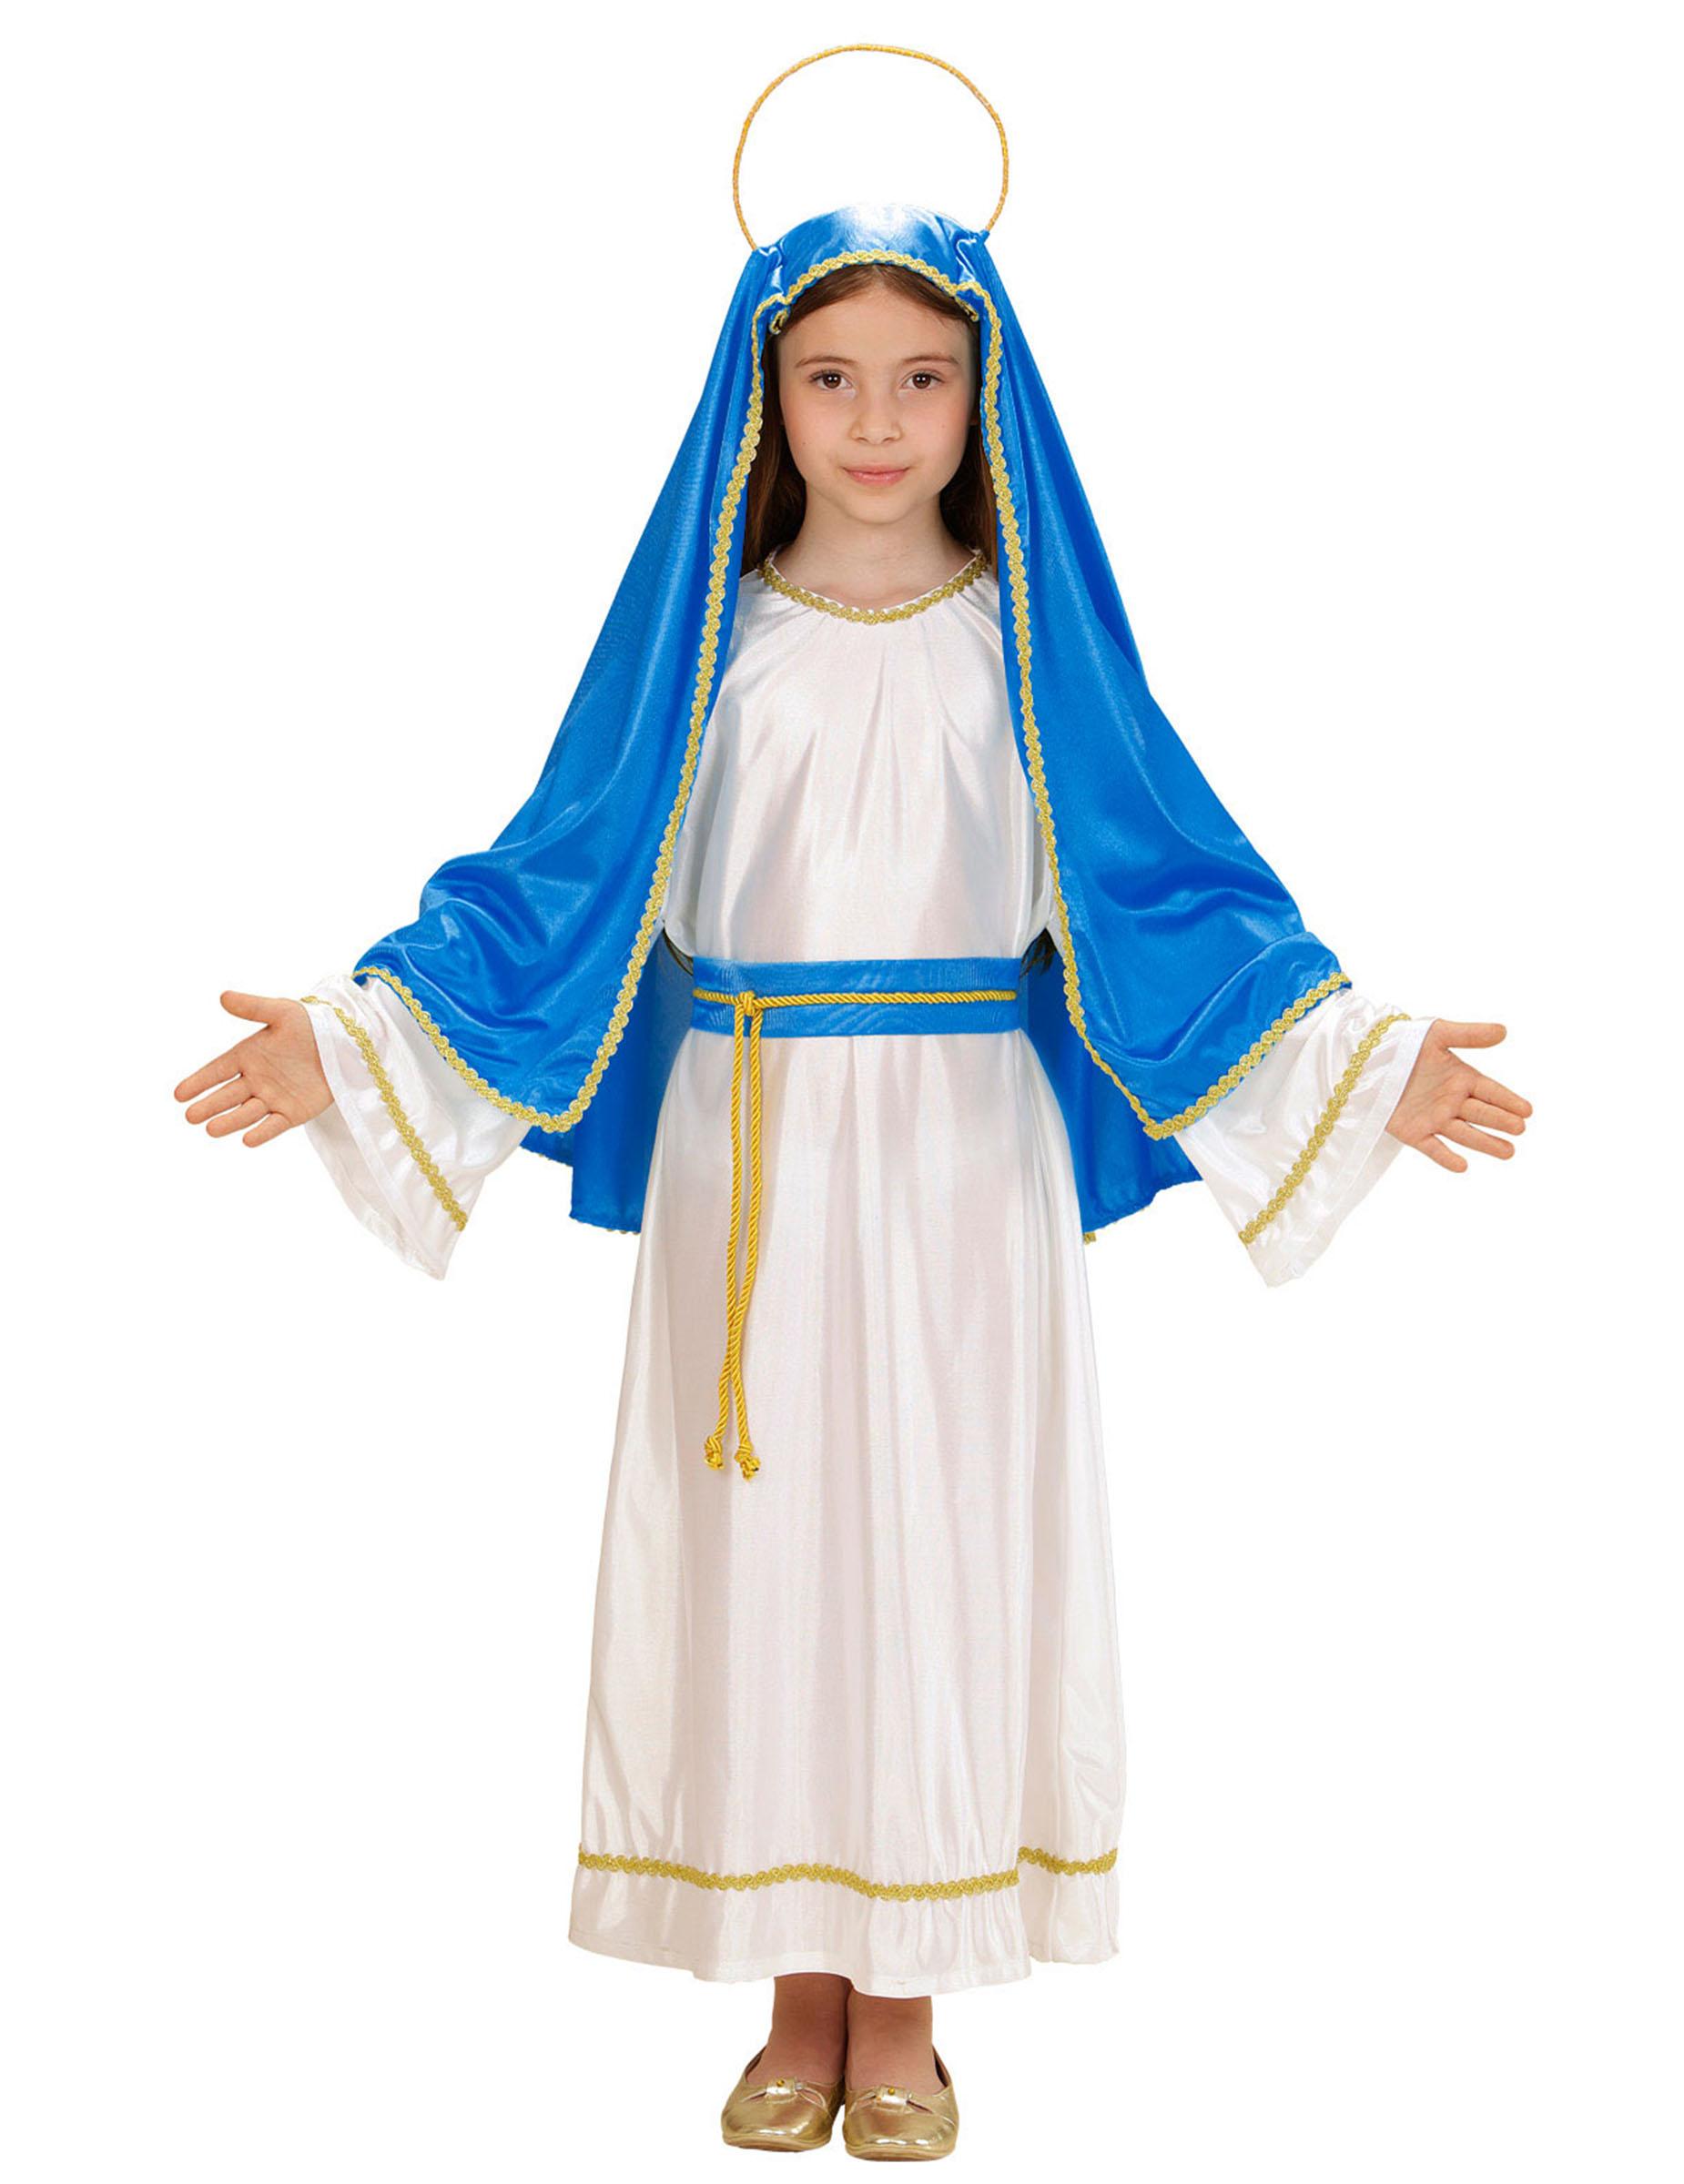 Disfraz Virgen Mara nia Navidad Disfraces niosy disfraces